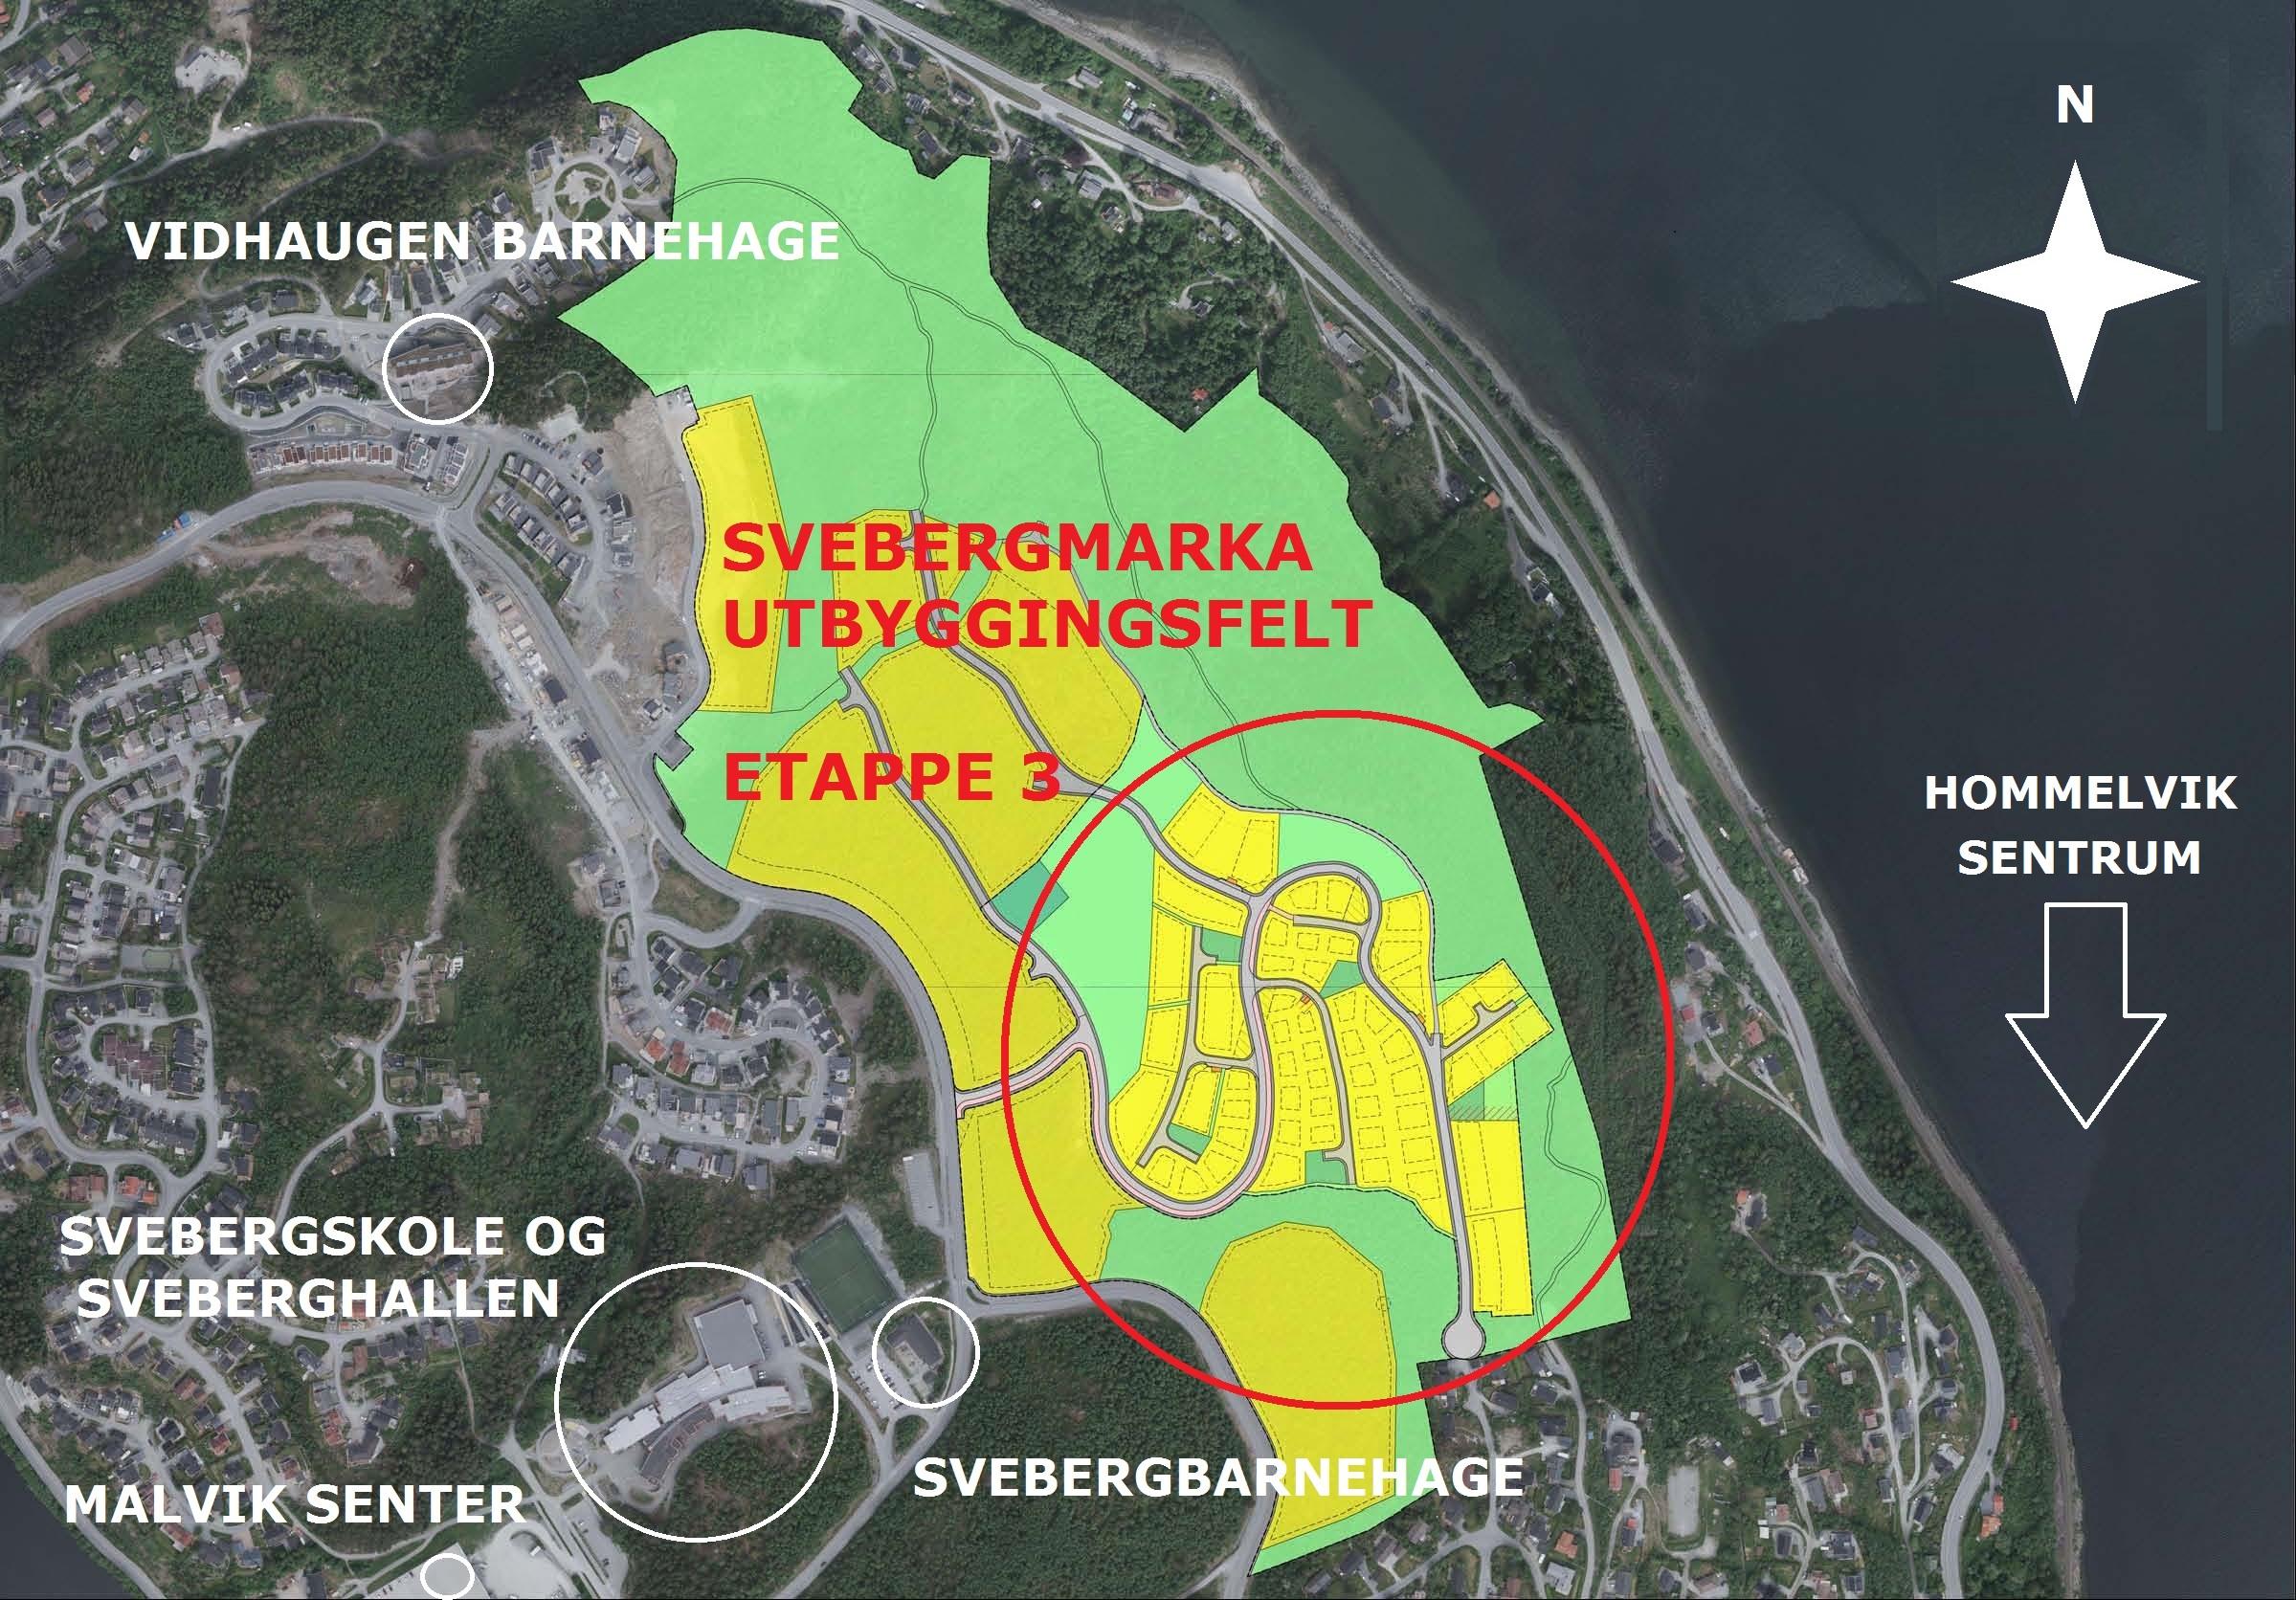 Oversiktsbilde over Svebergmarka utbyggingsfelt